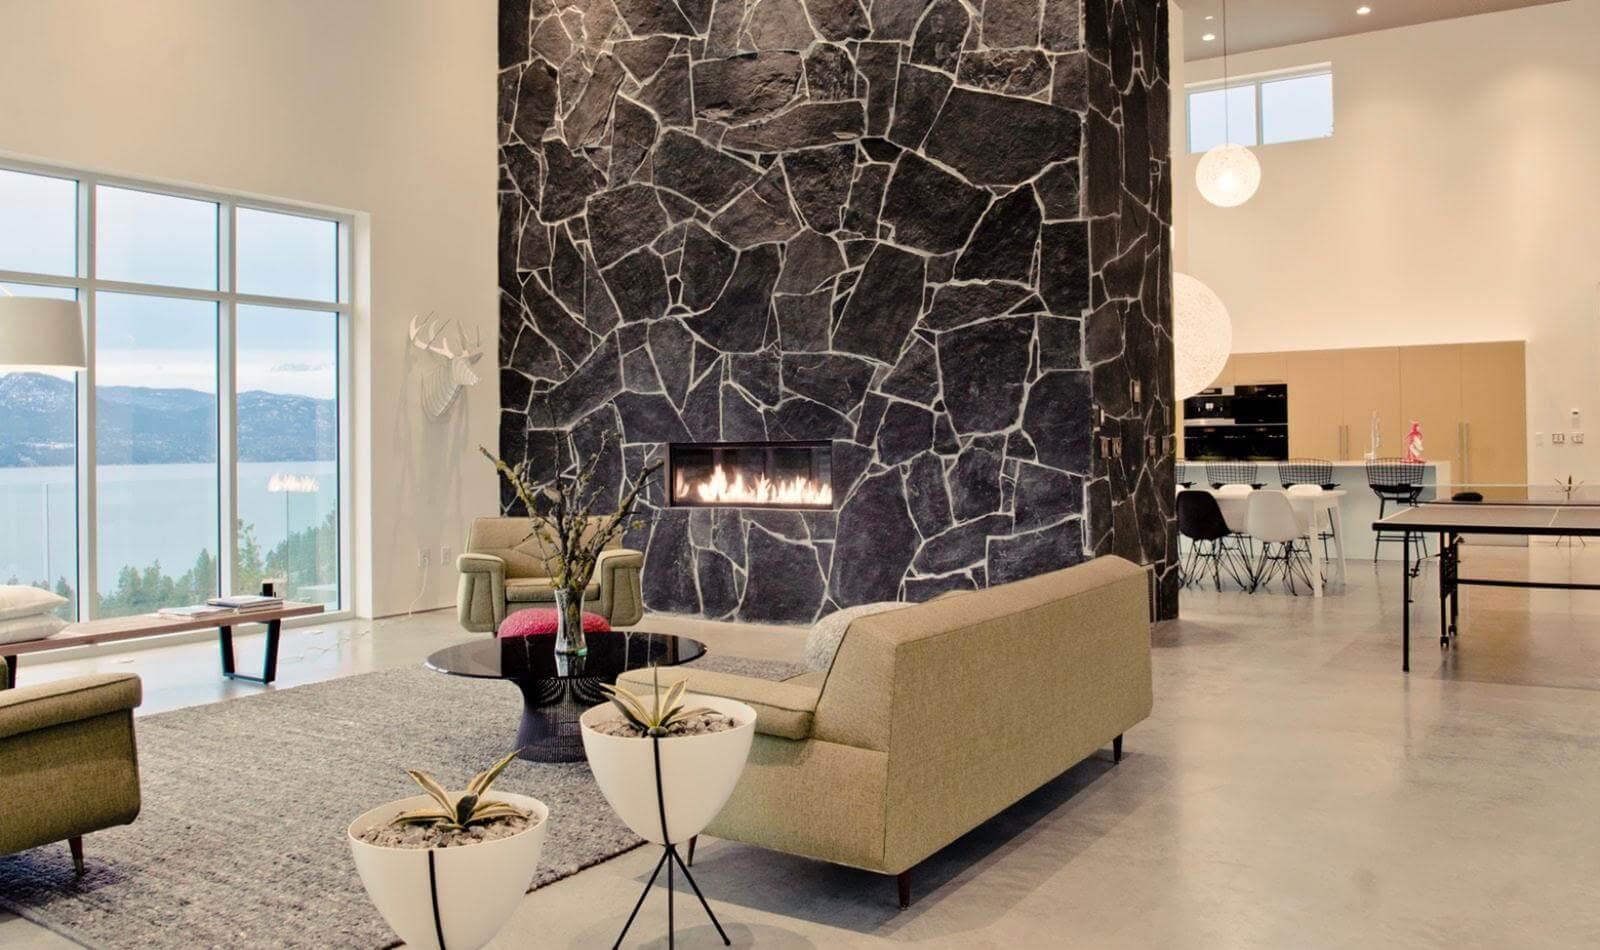 כיצד בוחרים אבני חיפוי לעיצוב הבית?